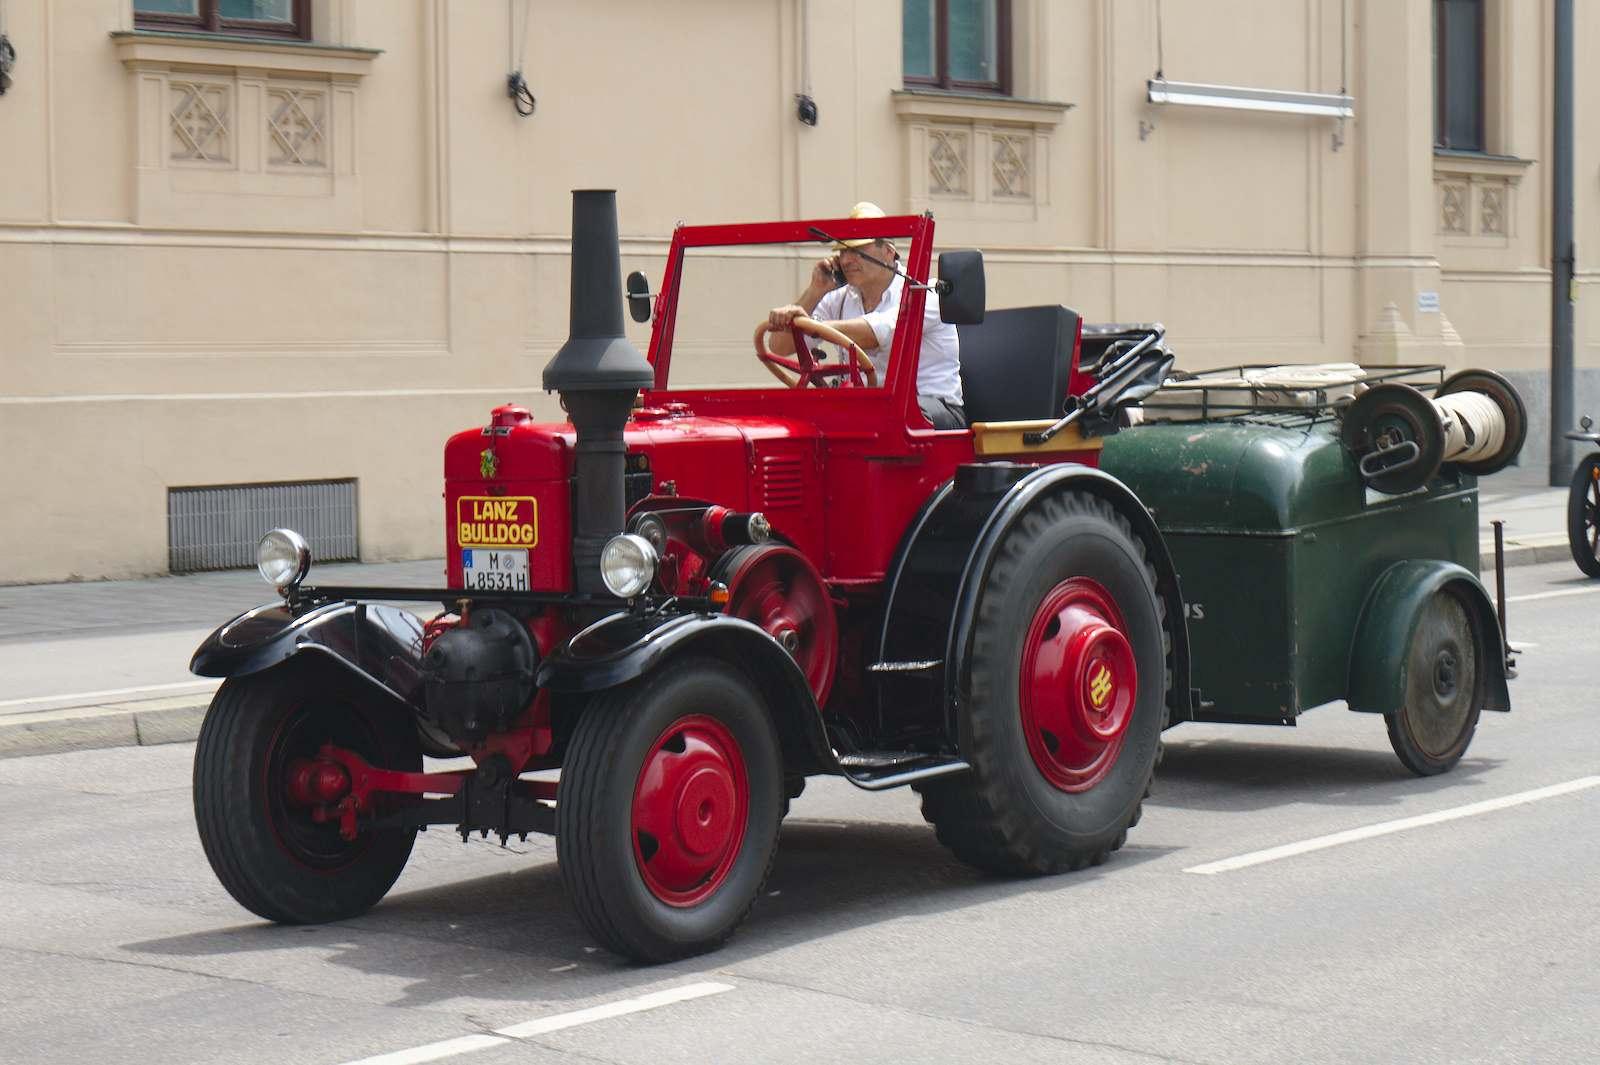 volunteer fire department6 150 Years Volunteer Fire Department in Munich